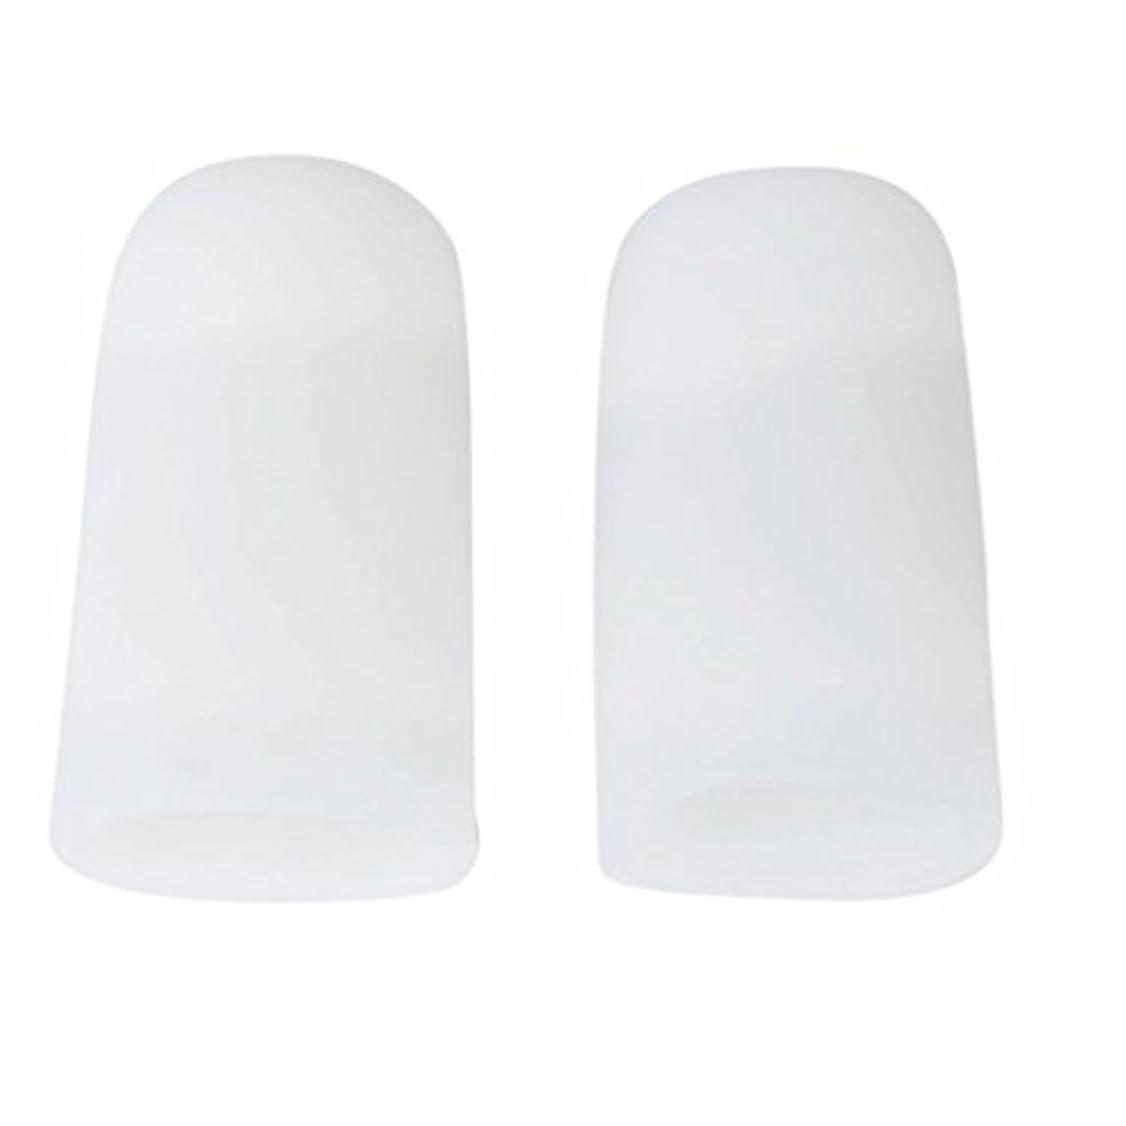 AMAA 足指 保護キャップ つま先 プロテクター 足先のつめ 保護キャップ シリコン S M Lサイズ 1ペア (M)